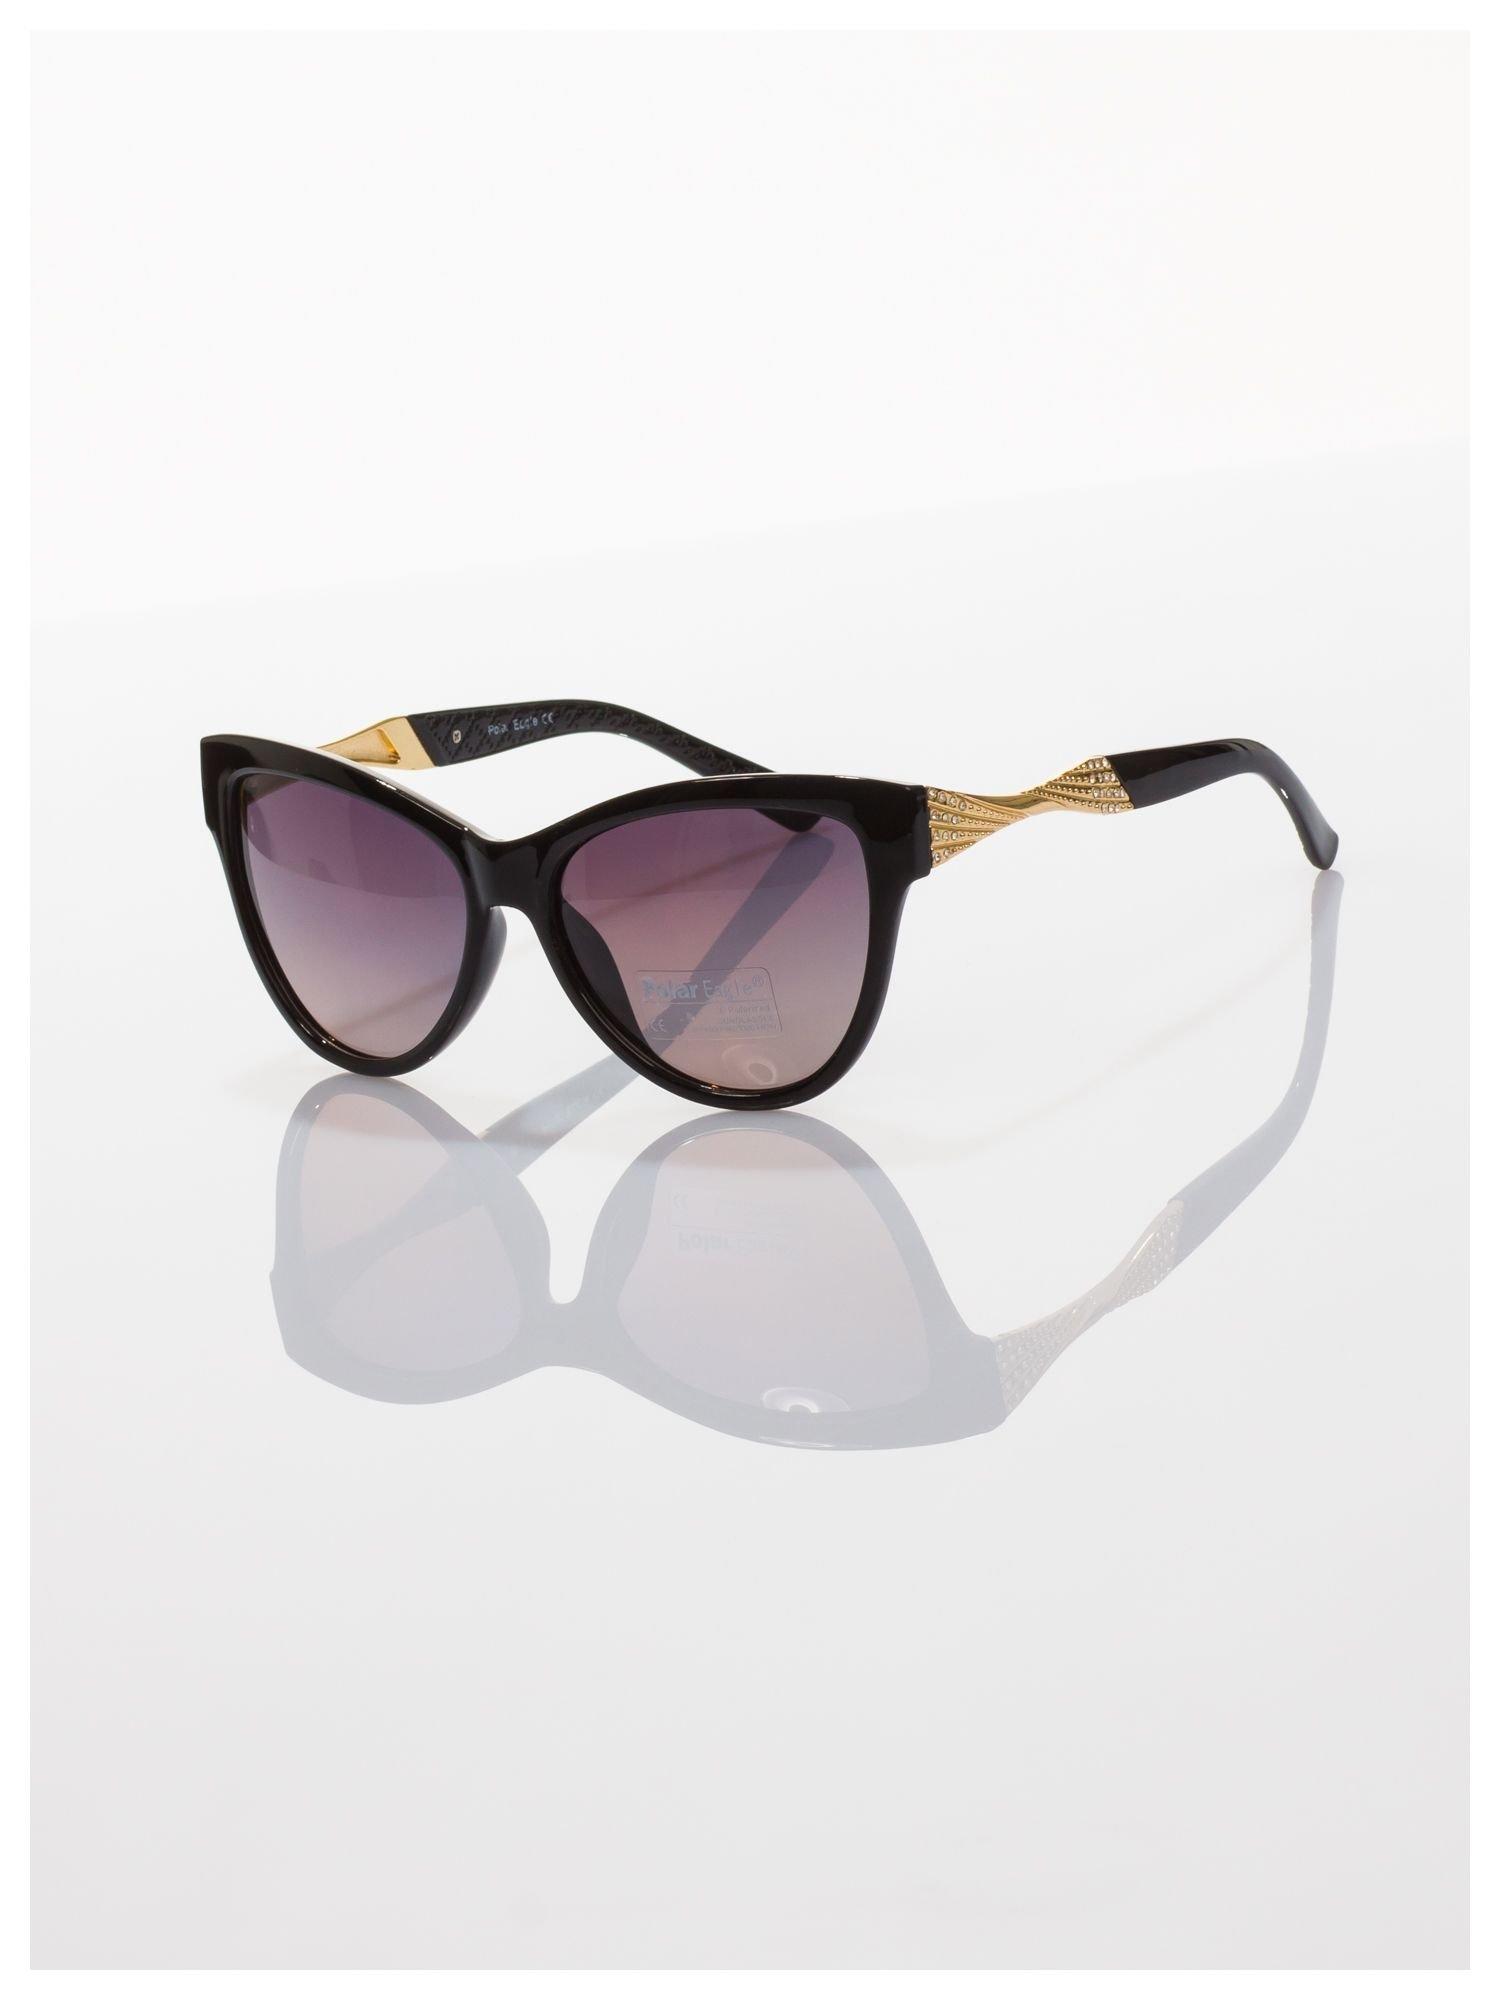 2016 HIT Modne okulary  w sytlu  KOCIE OCZY-POLARYZACJA+GRATISY                                  zdj.                                  1